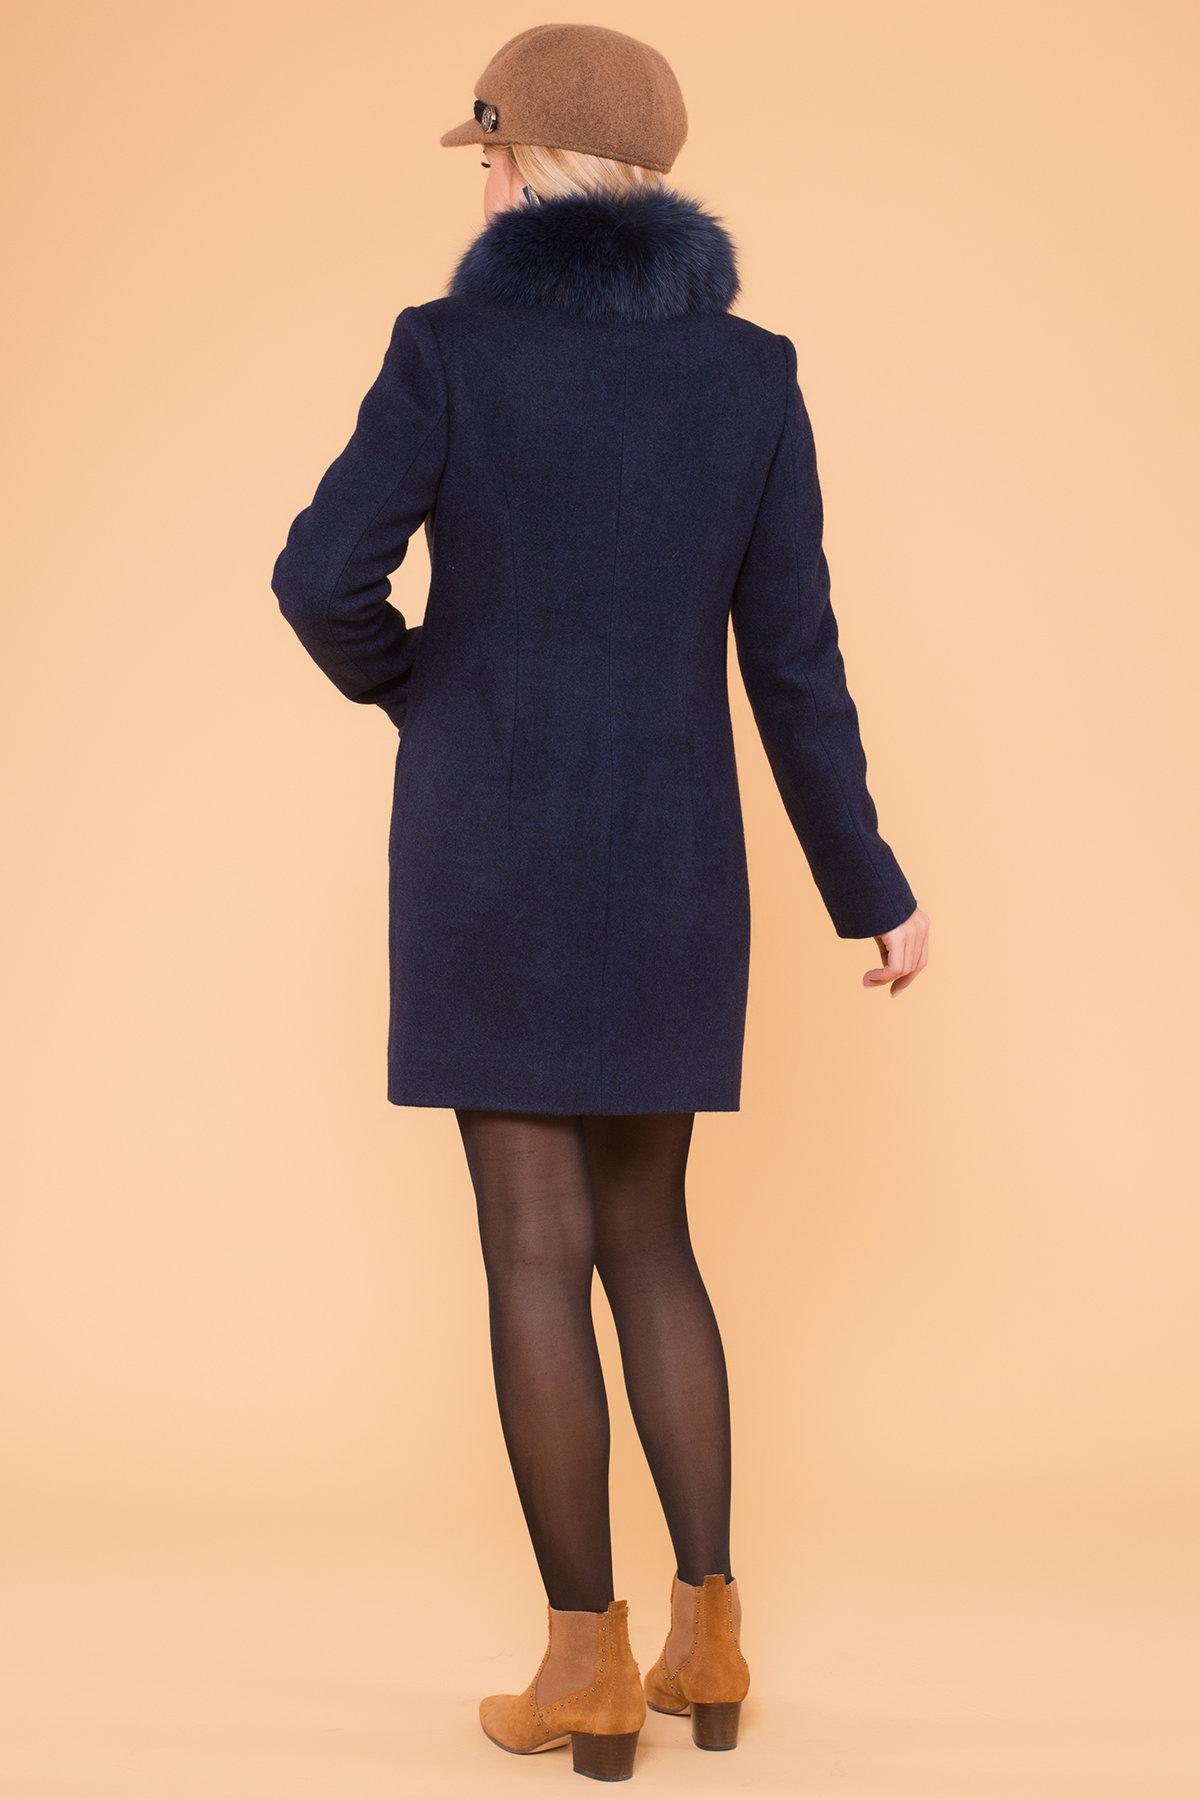 Пальто зима Мелини 5967 АРТ. 40569 Цвет: Т.синий 17 - фото 2, интернет магазин tm-modus.ru